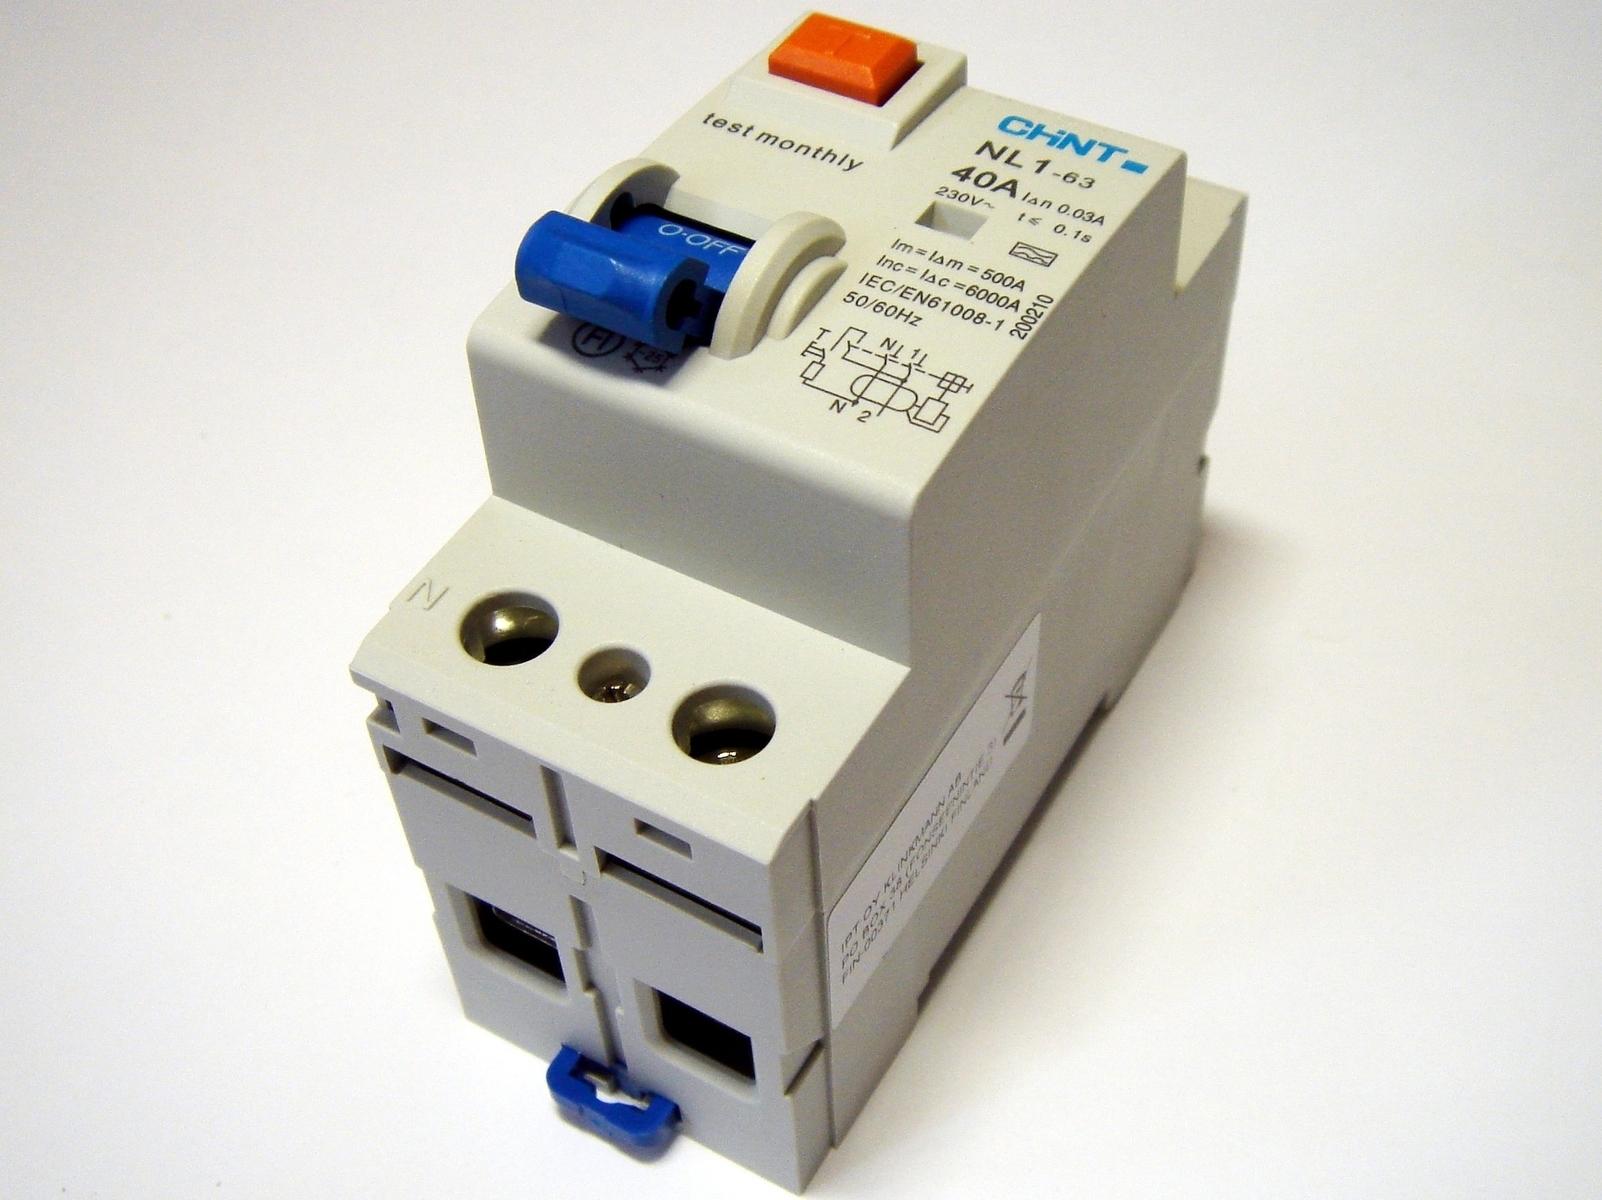 Aвтомат тока утечки 1-фазный 40 A, 30мA(0,03A), Chint, NL1-63, 93742